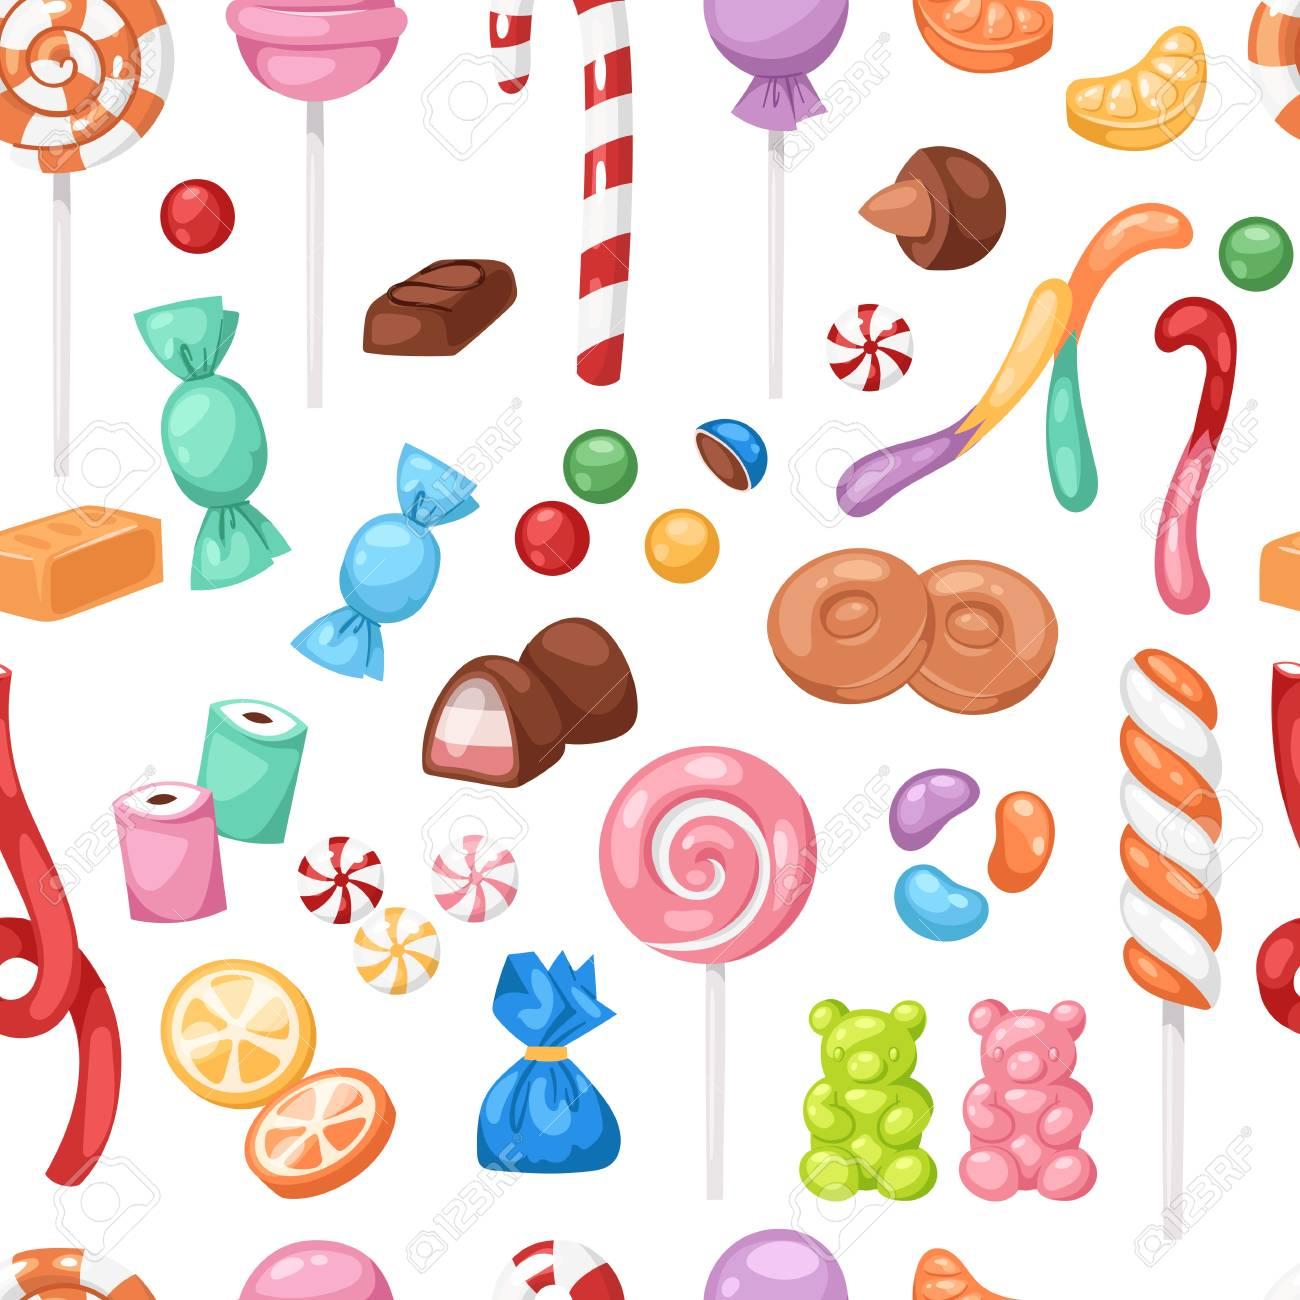 Bonbons Sucrés De Bonbon De Dessin Animé Bonbons Enfants Nourriture Bonbons Méga Collection De Fond Transparente